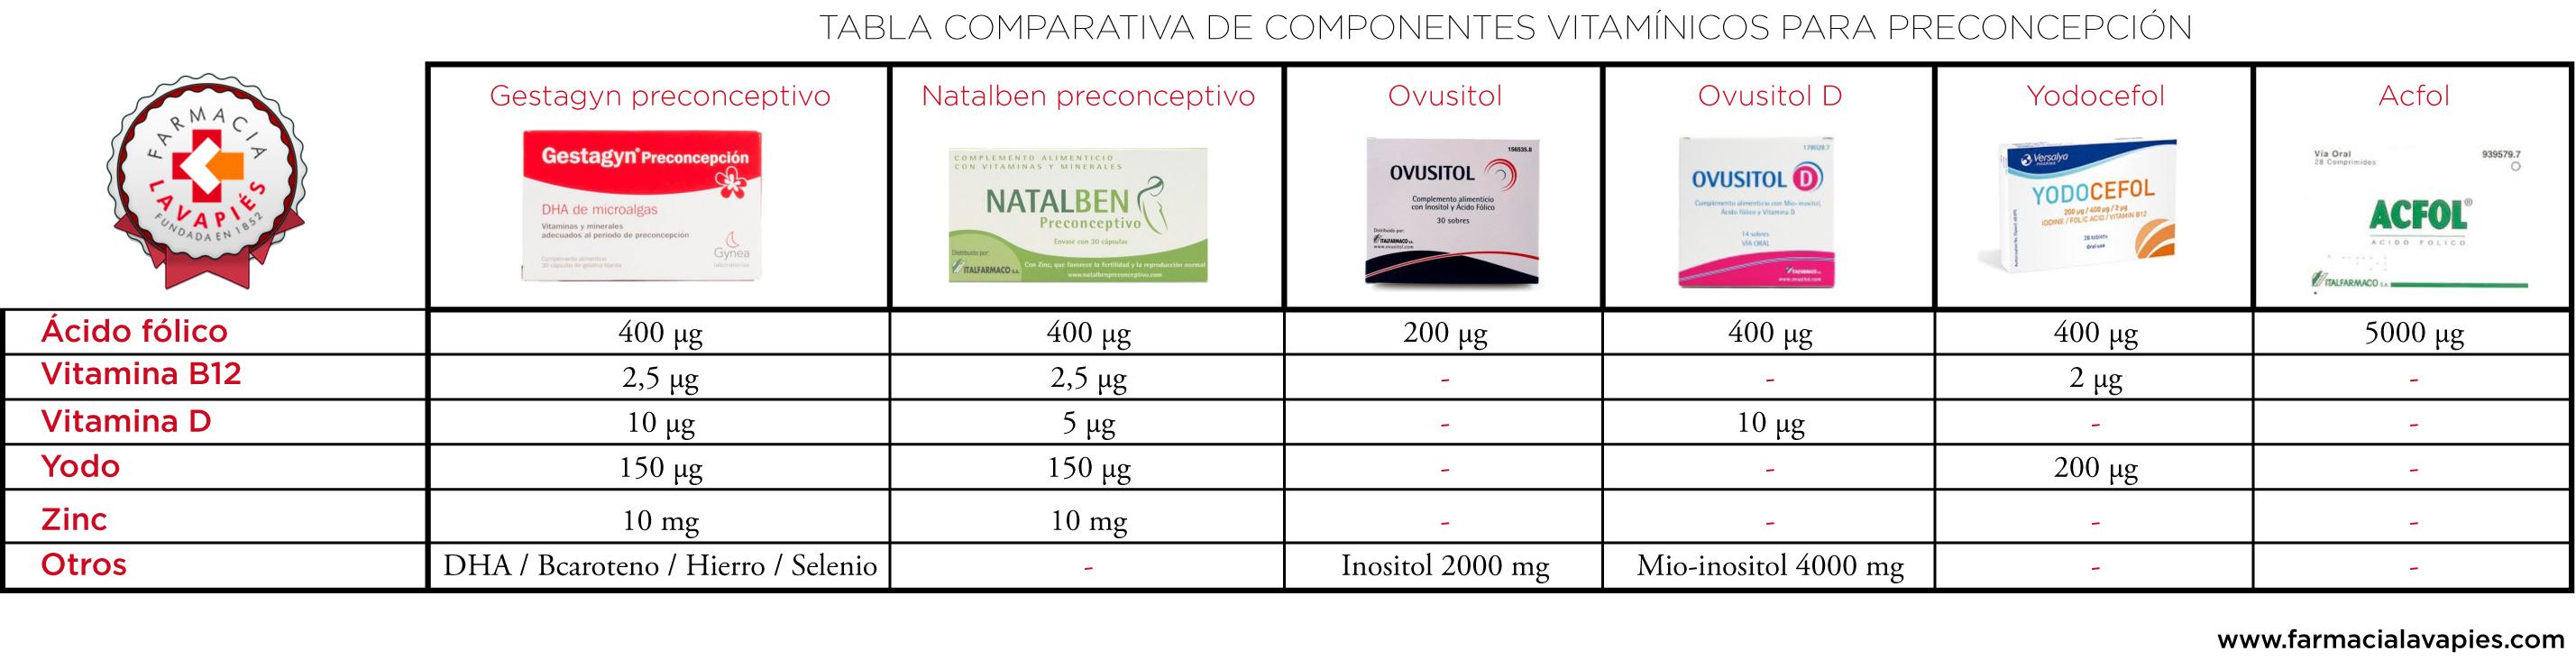 REPRODUCCION ASISTIDA CANTABRIA Compar10